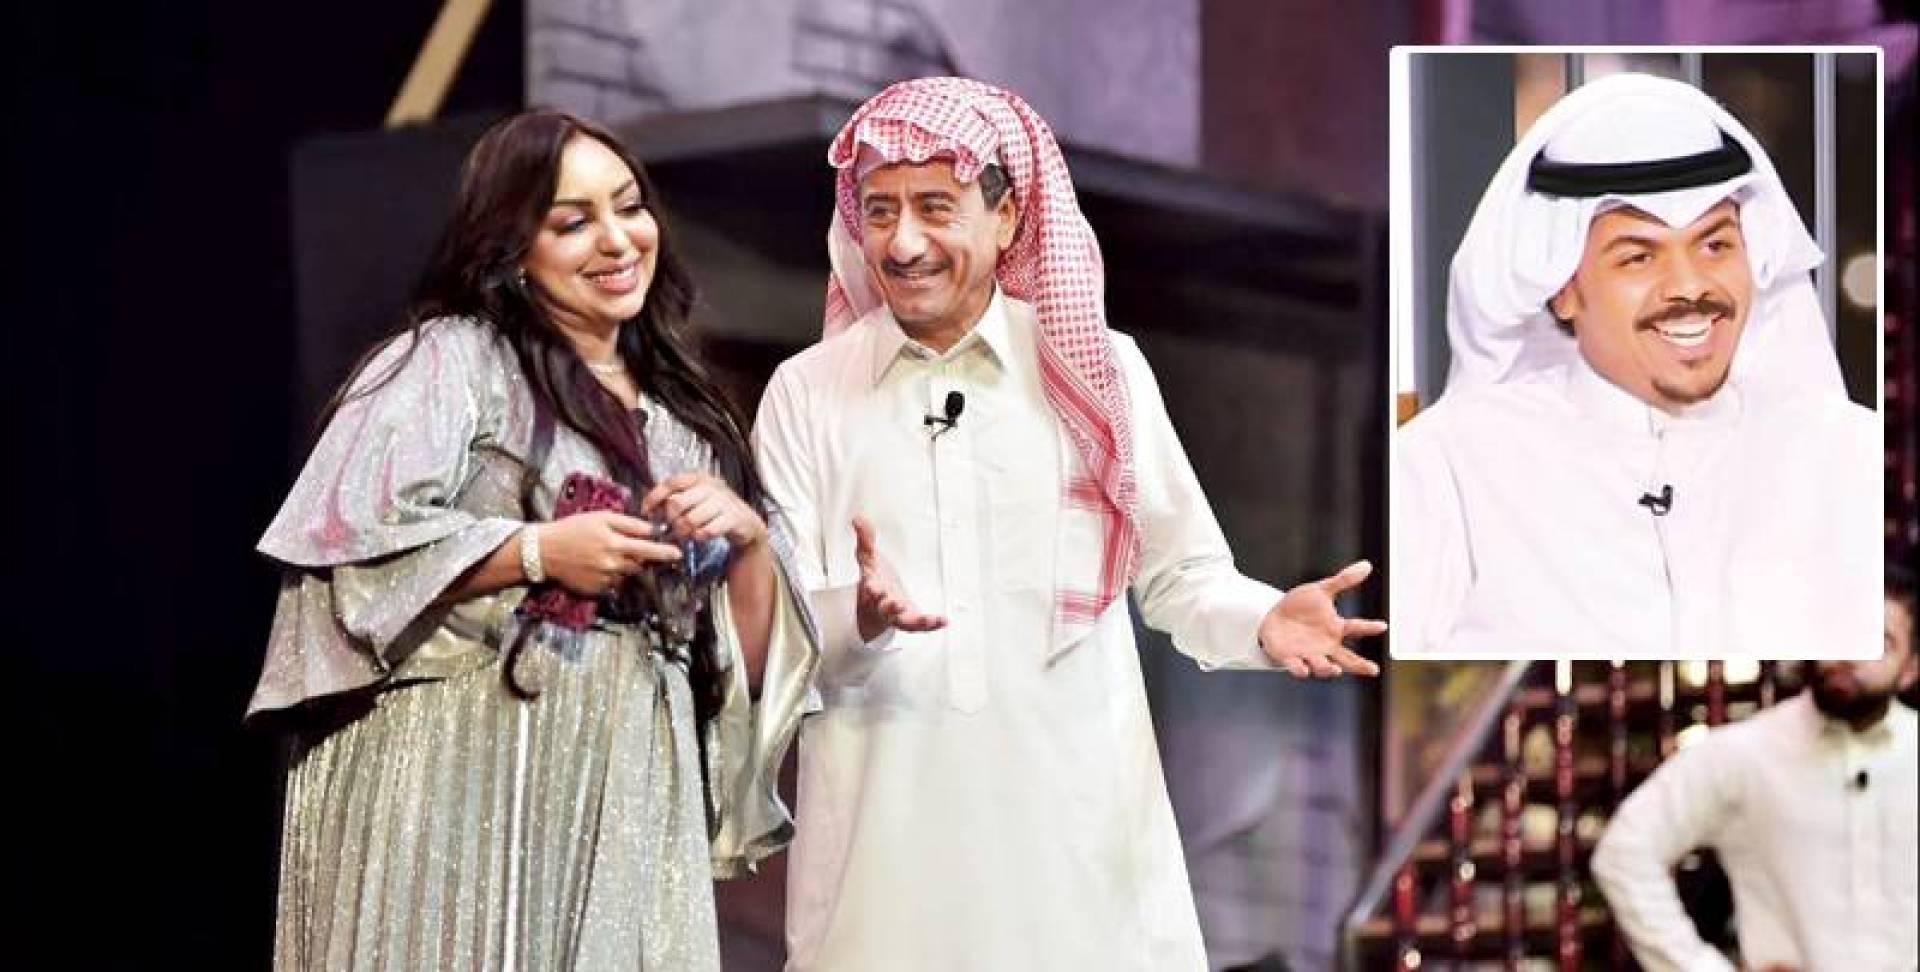 مشهد من مسرحية «الذيب في القليب» (وفي الإطار  المخرج محمد الحملي)